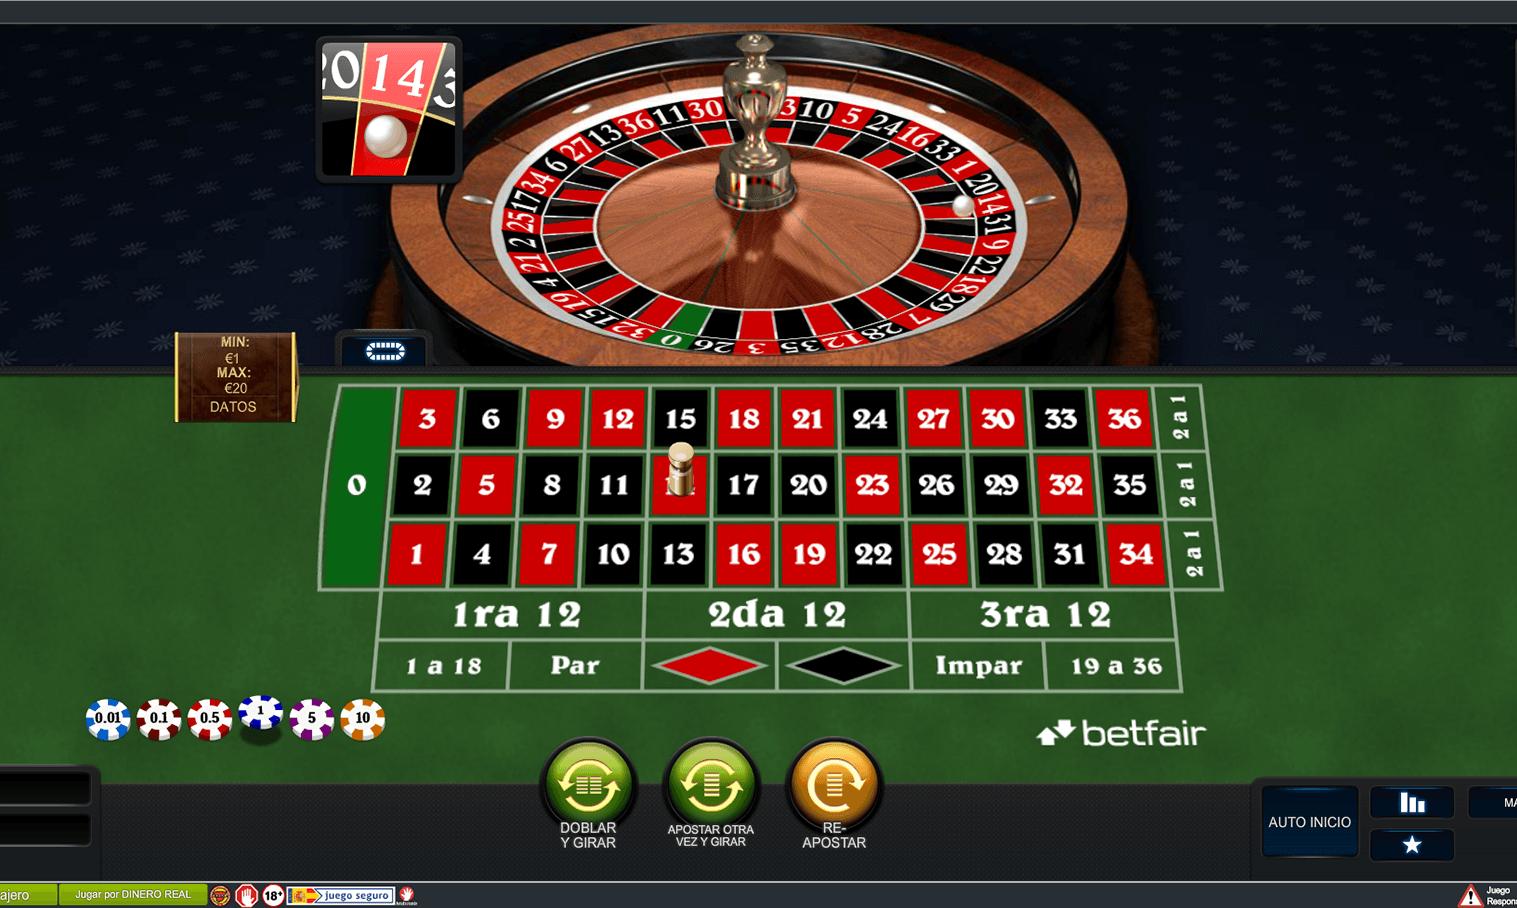 Bonos de casino online tecnica para ganar en Ruleta-686755